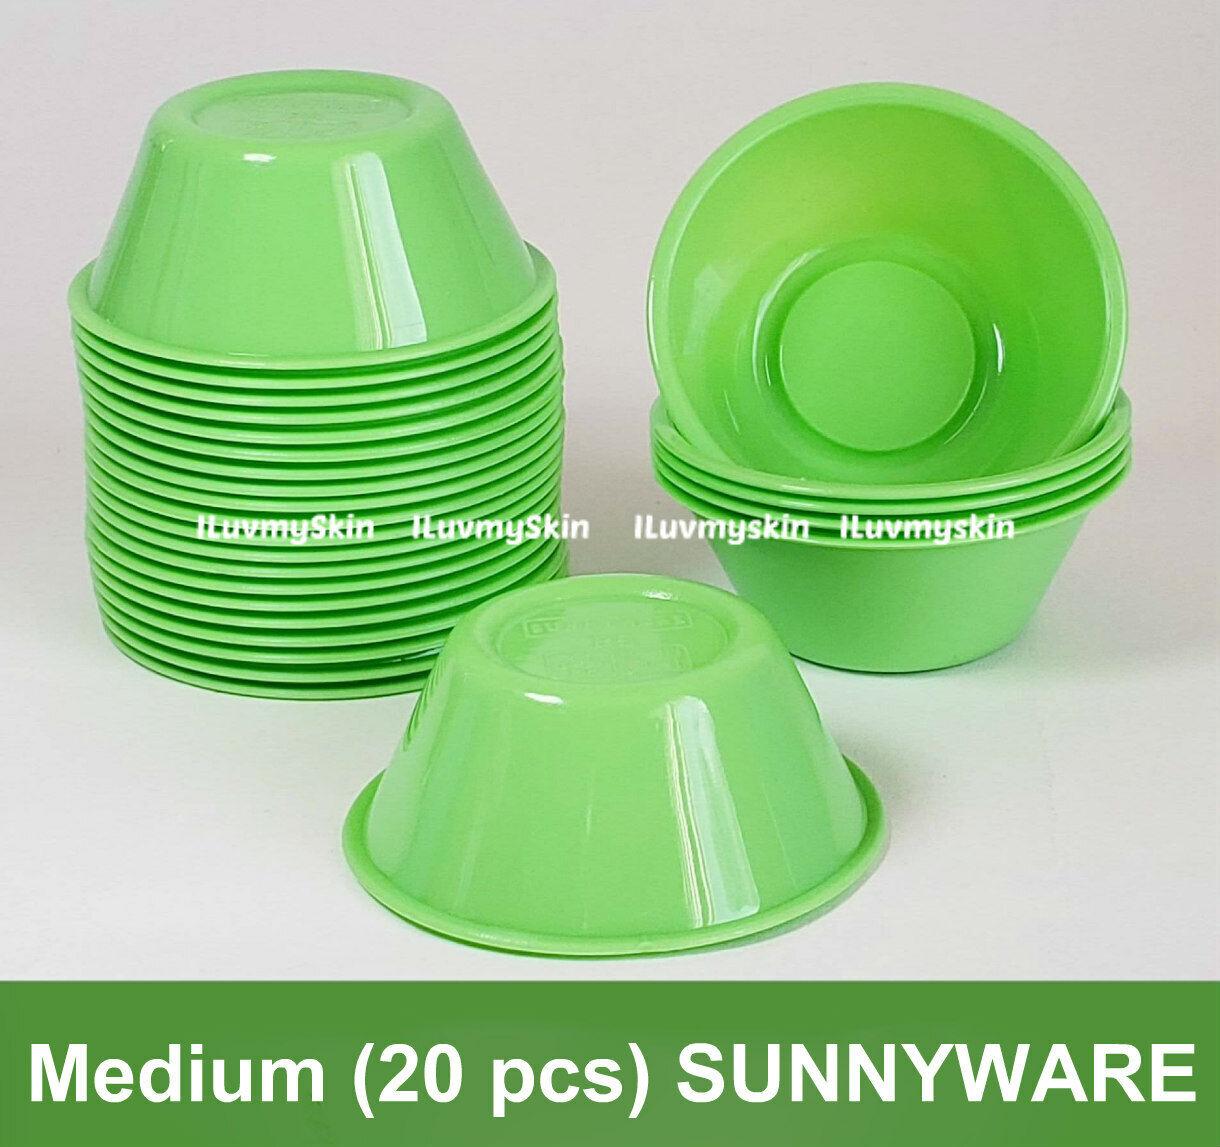 Medium (20 pieces) SUNNYWARE Brand